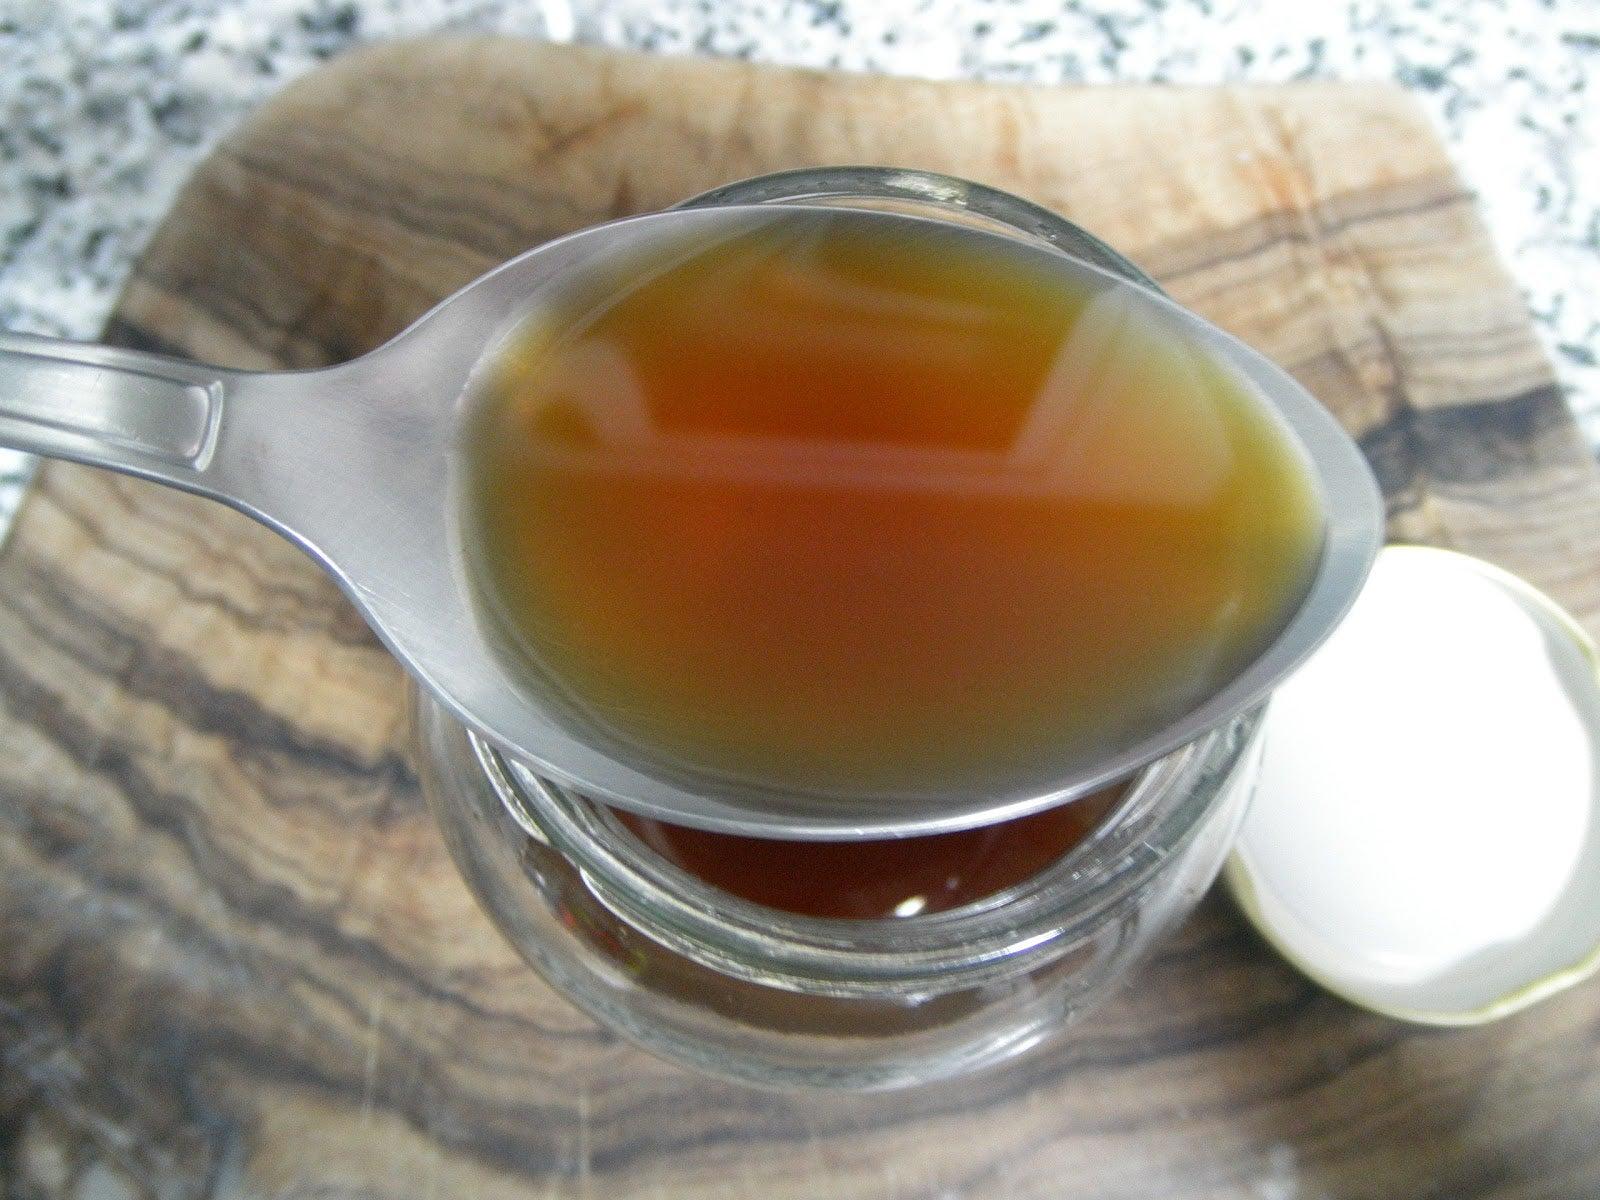 Cómo preparar este jarabe casero de tomillo y regaliz